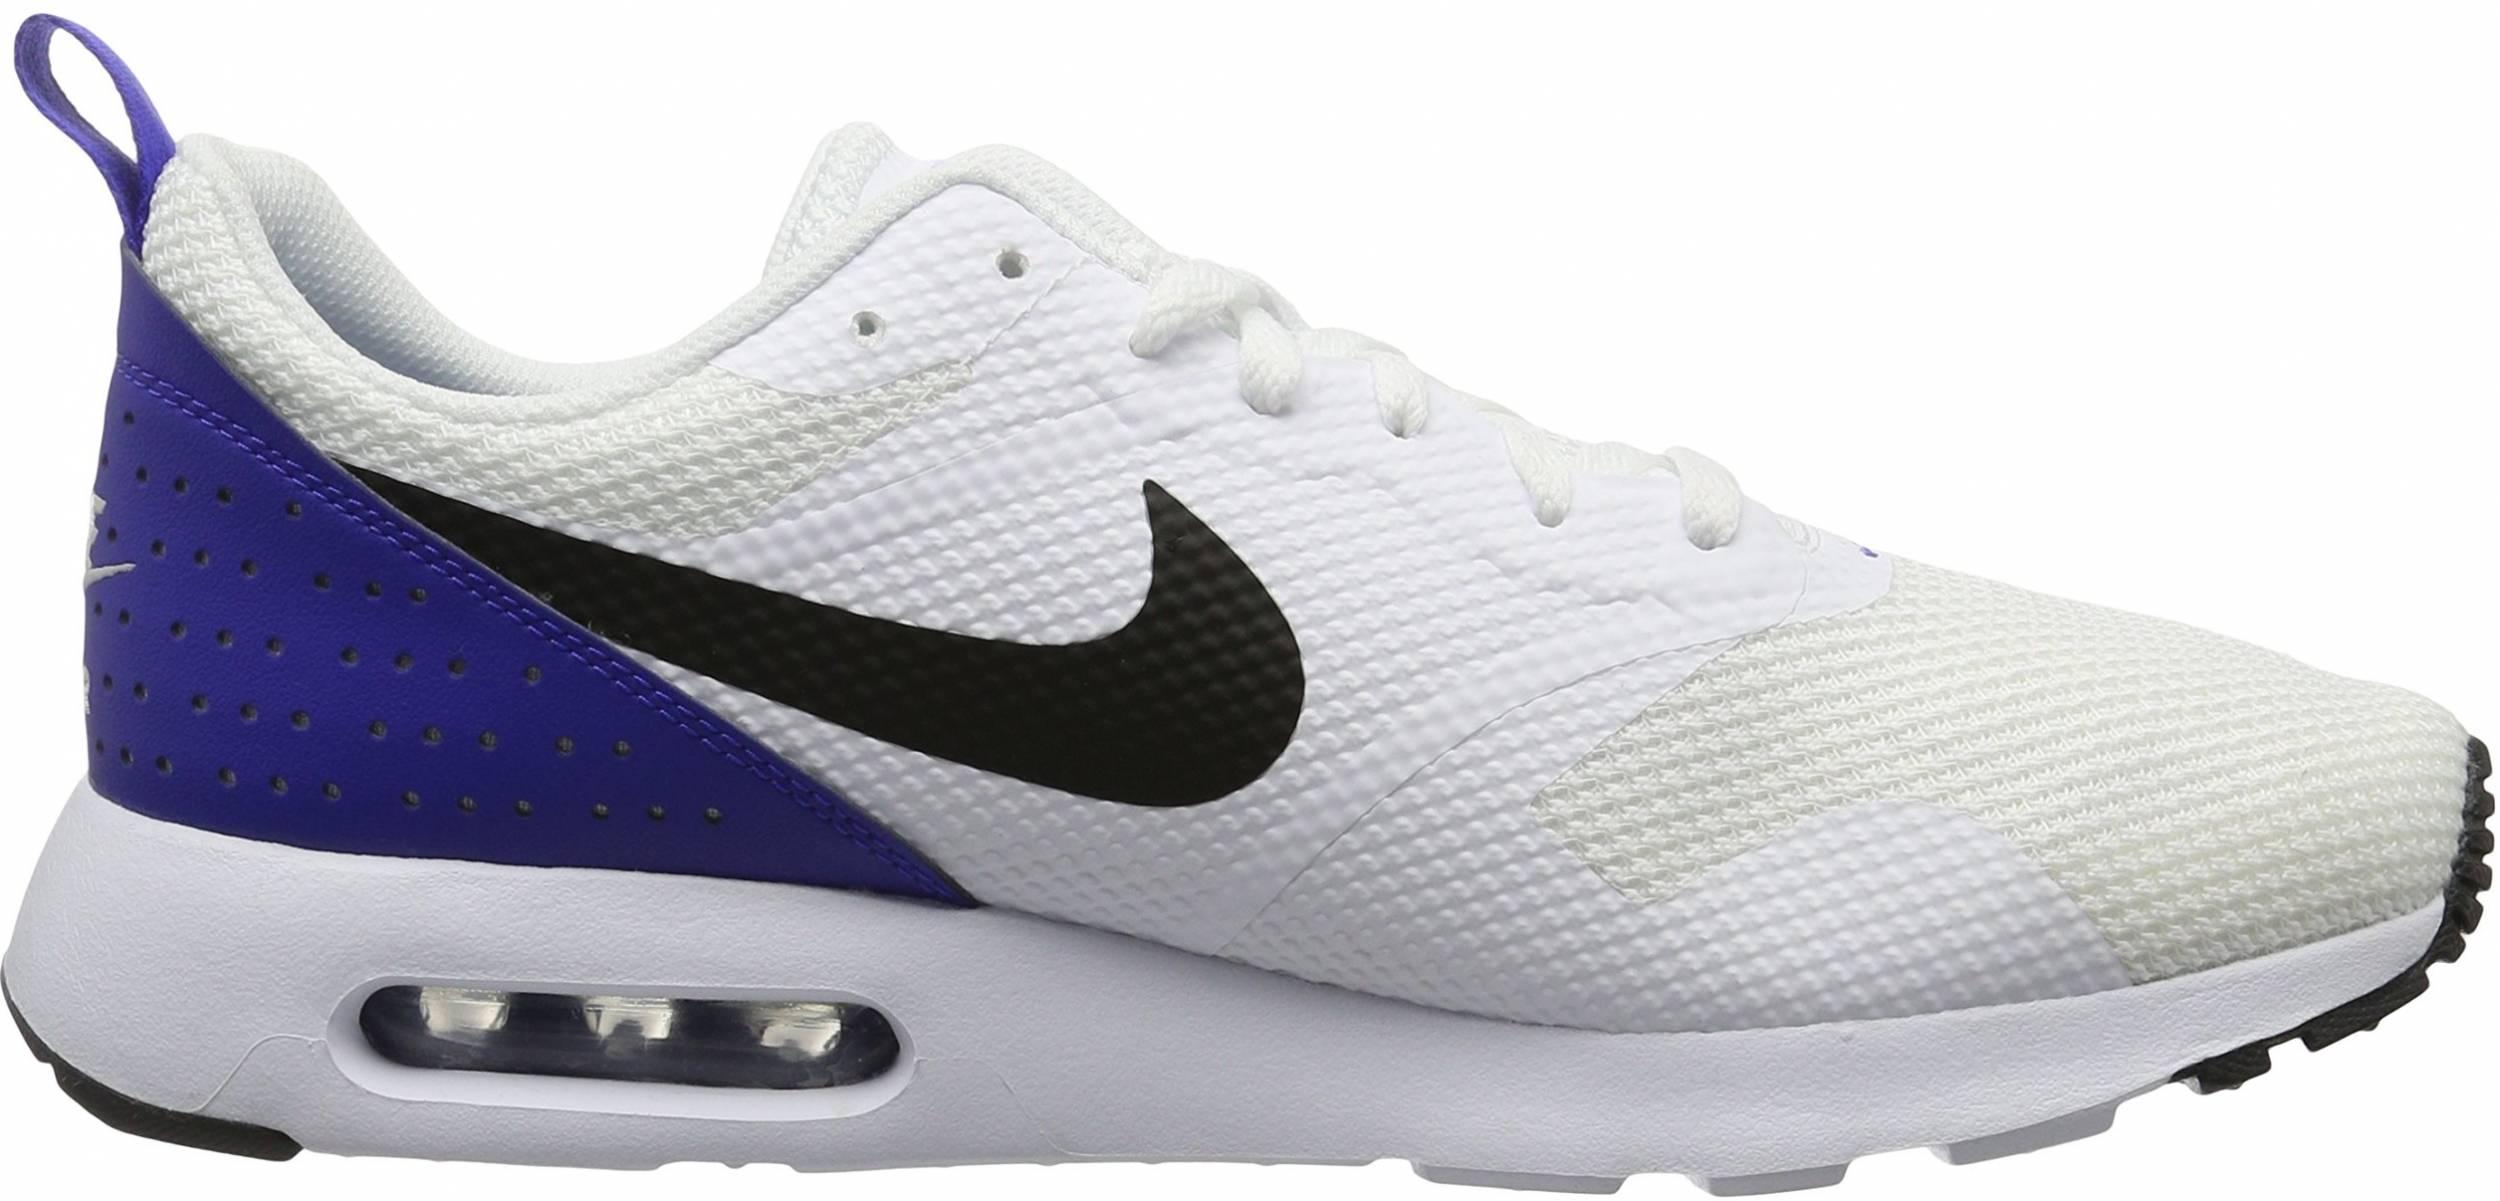 Nike Air Max Tavas sneakers in 3 colors | RunRepeat